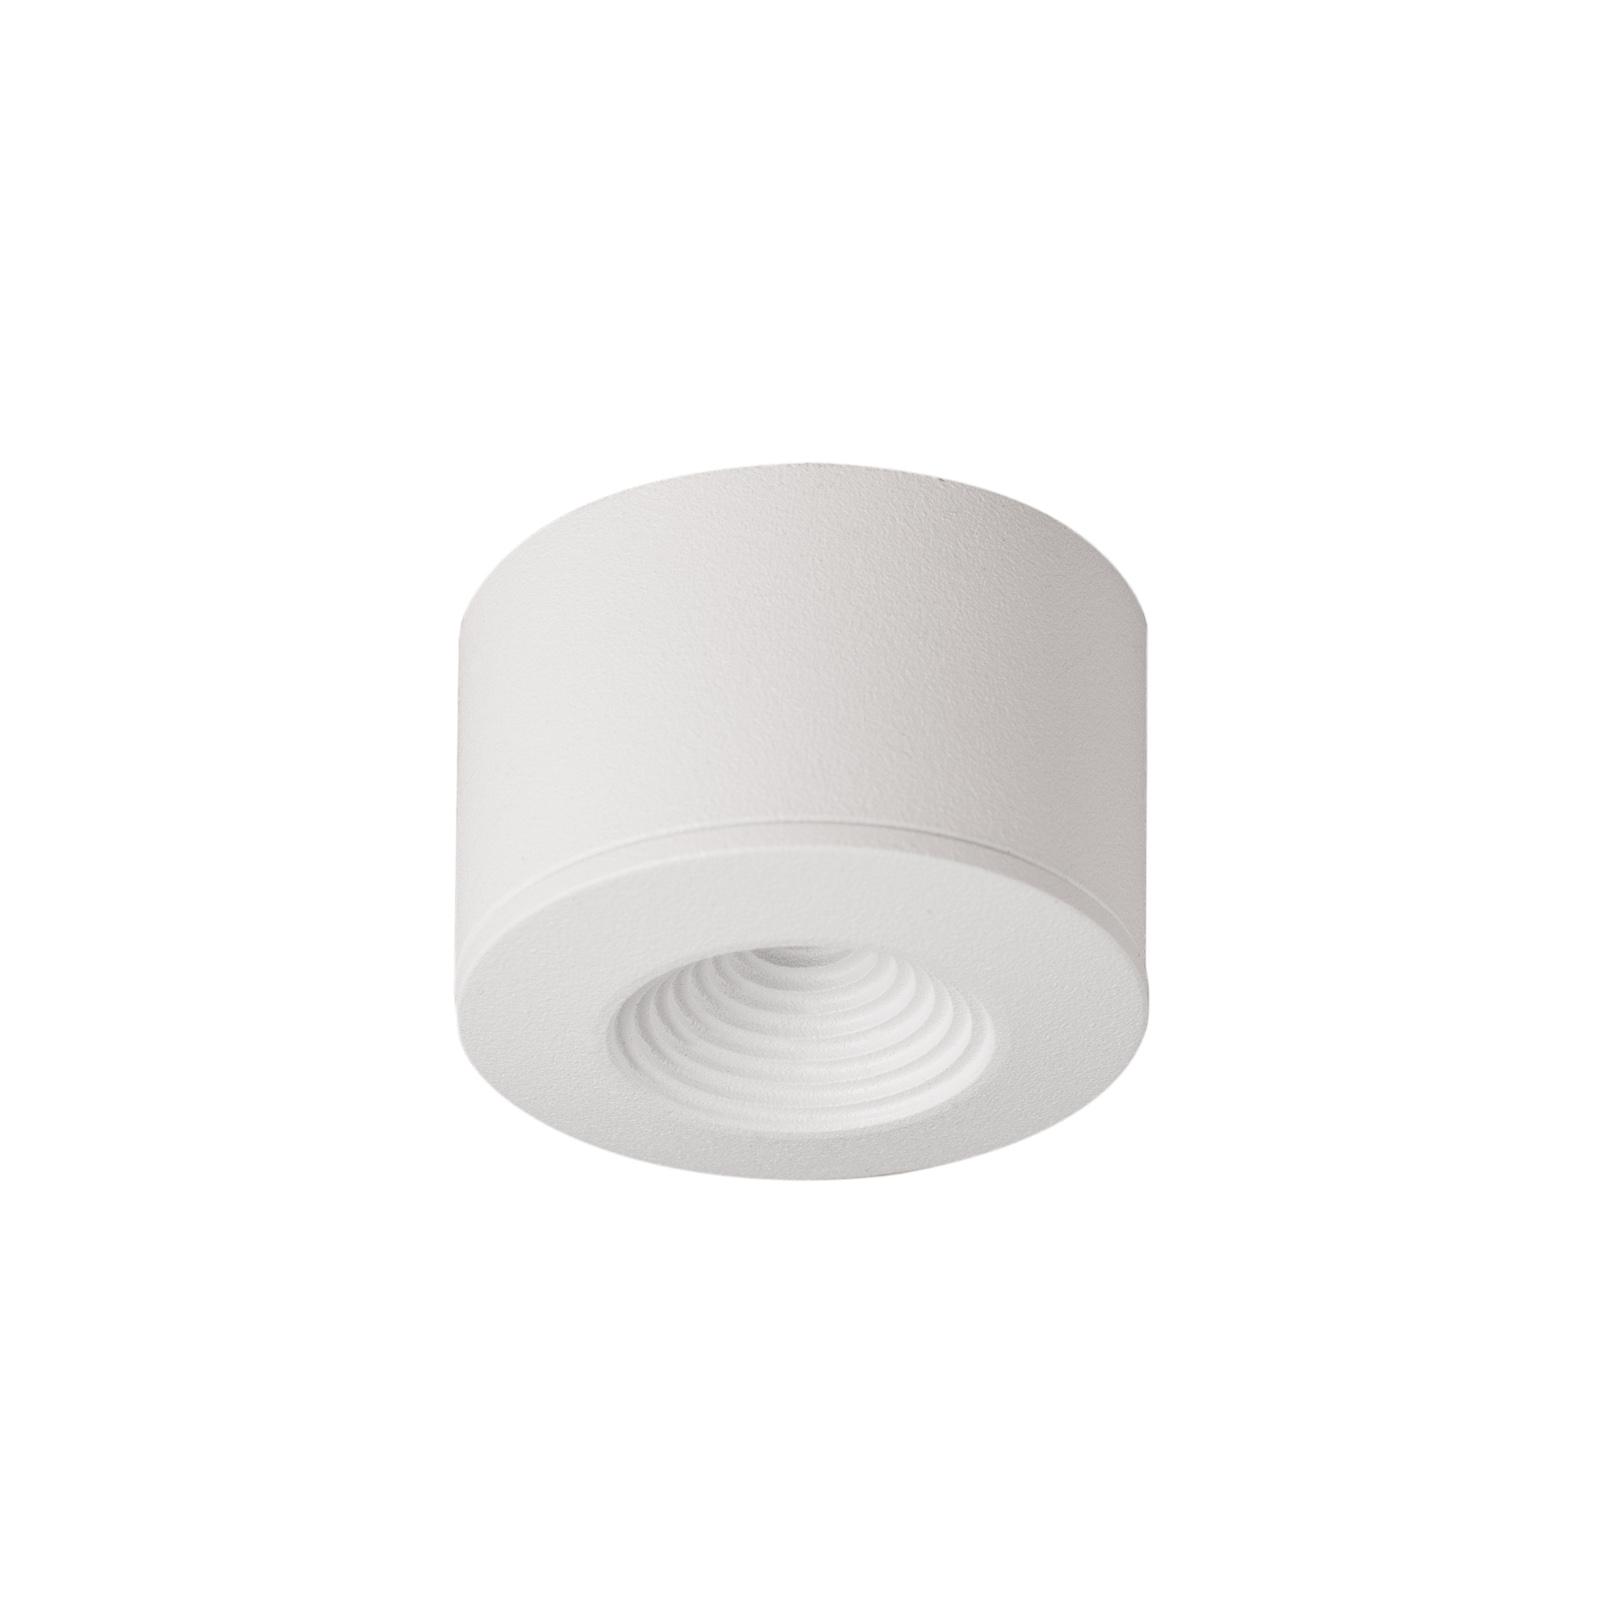 SLC Aufbau-Gehäuse für MiniOne Fixed, weiß